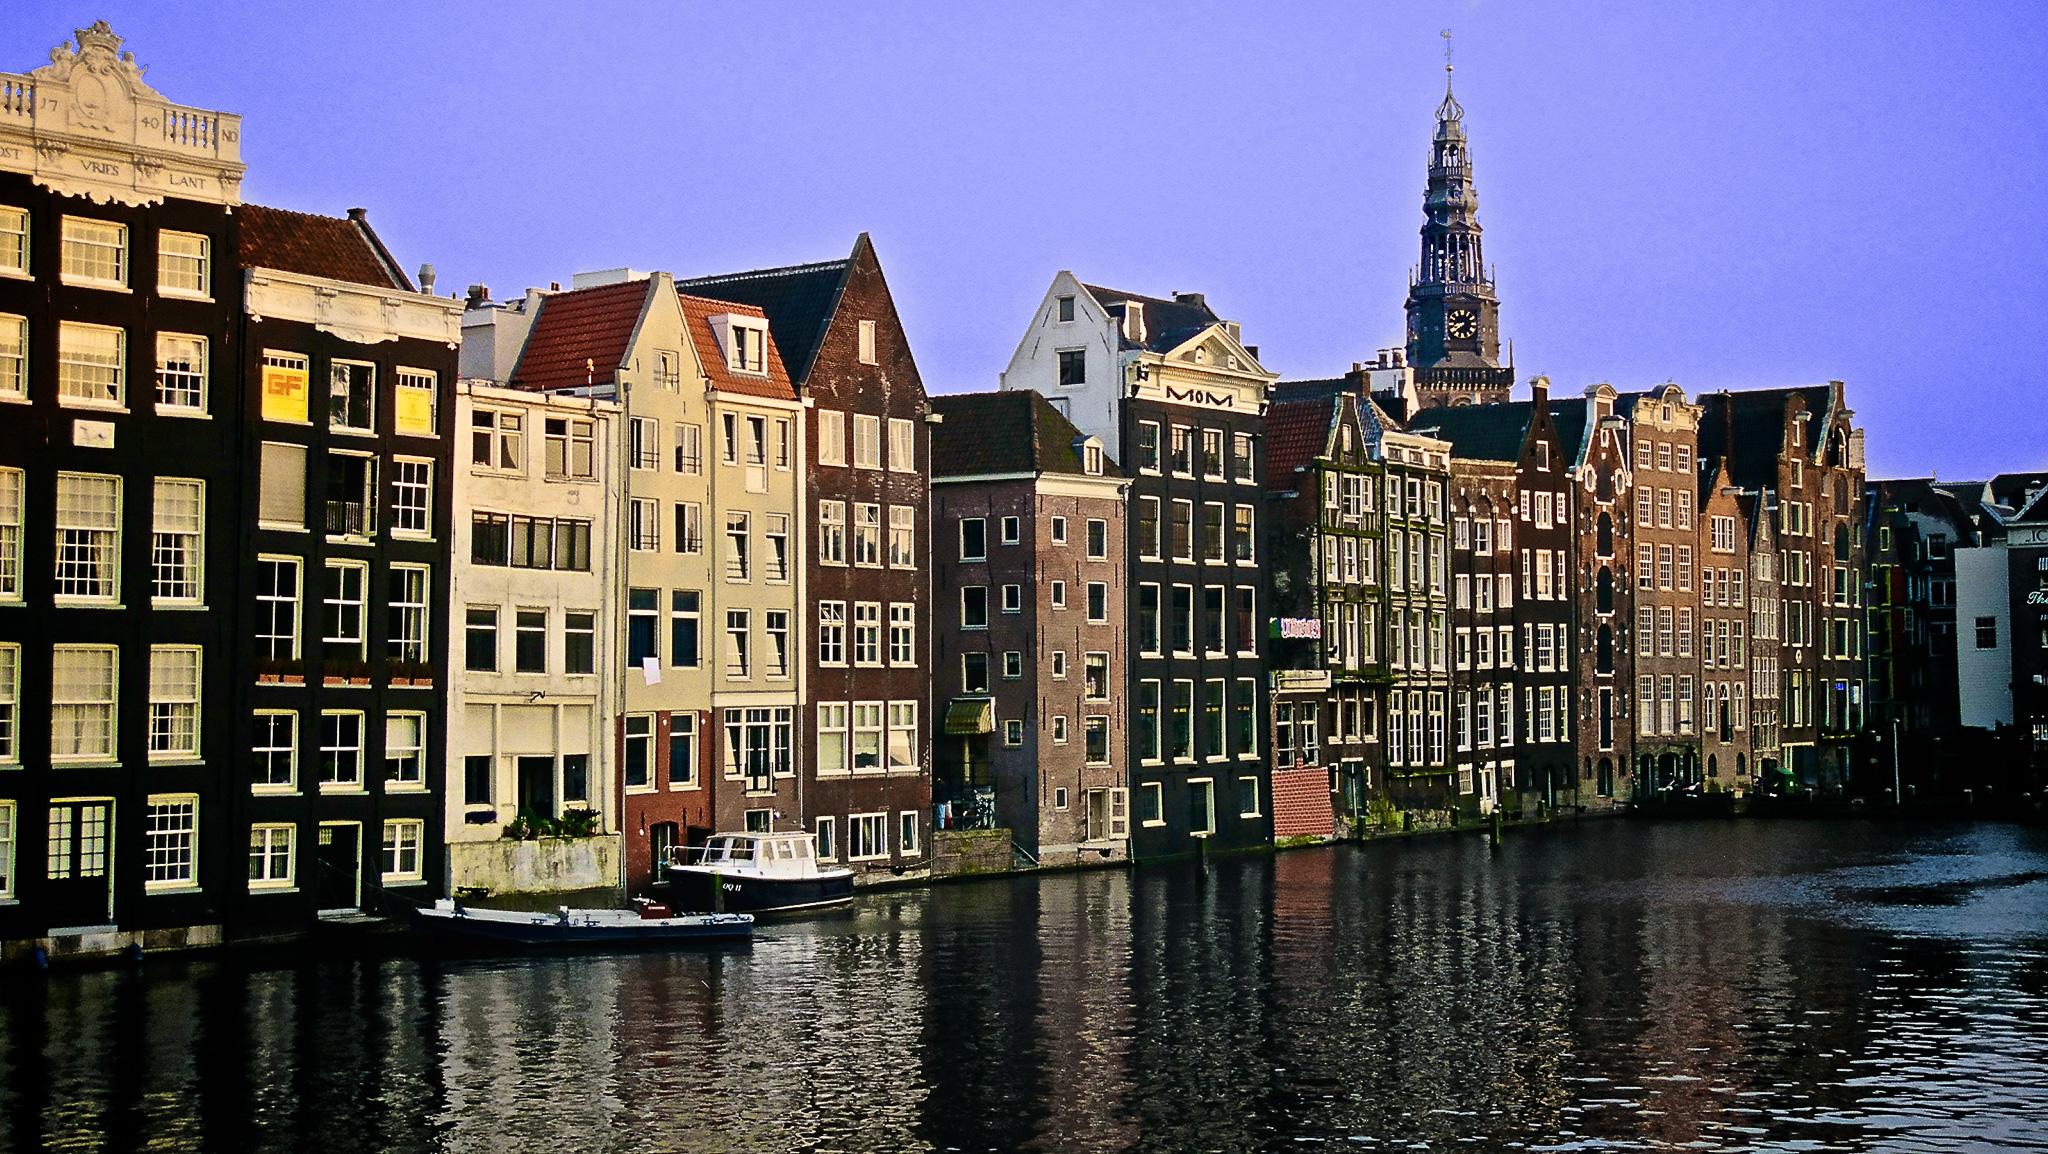 Rowhosues, Amsterdam